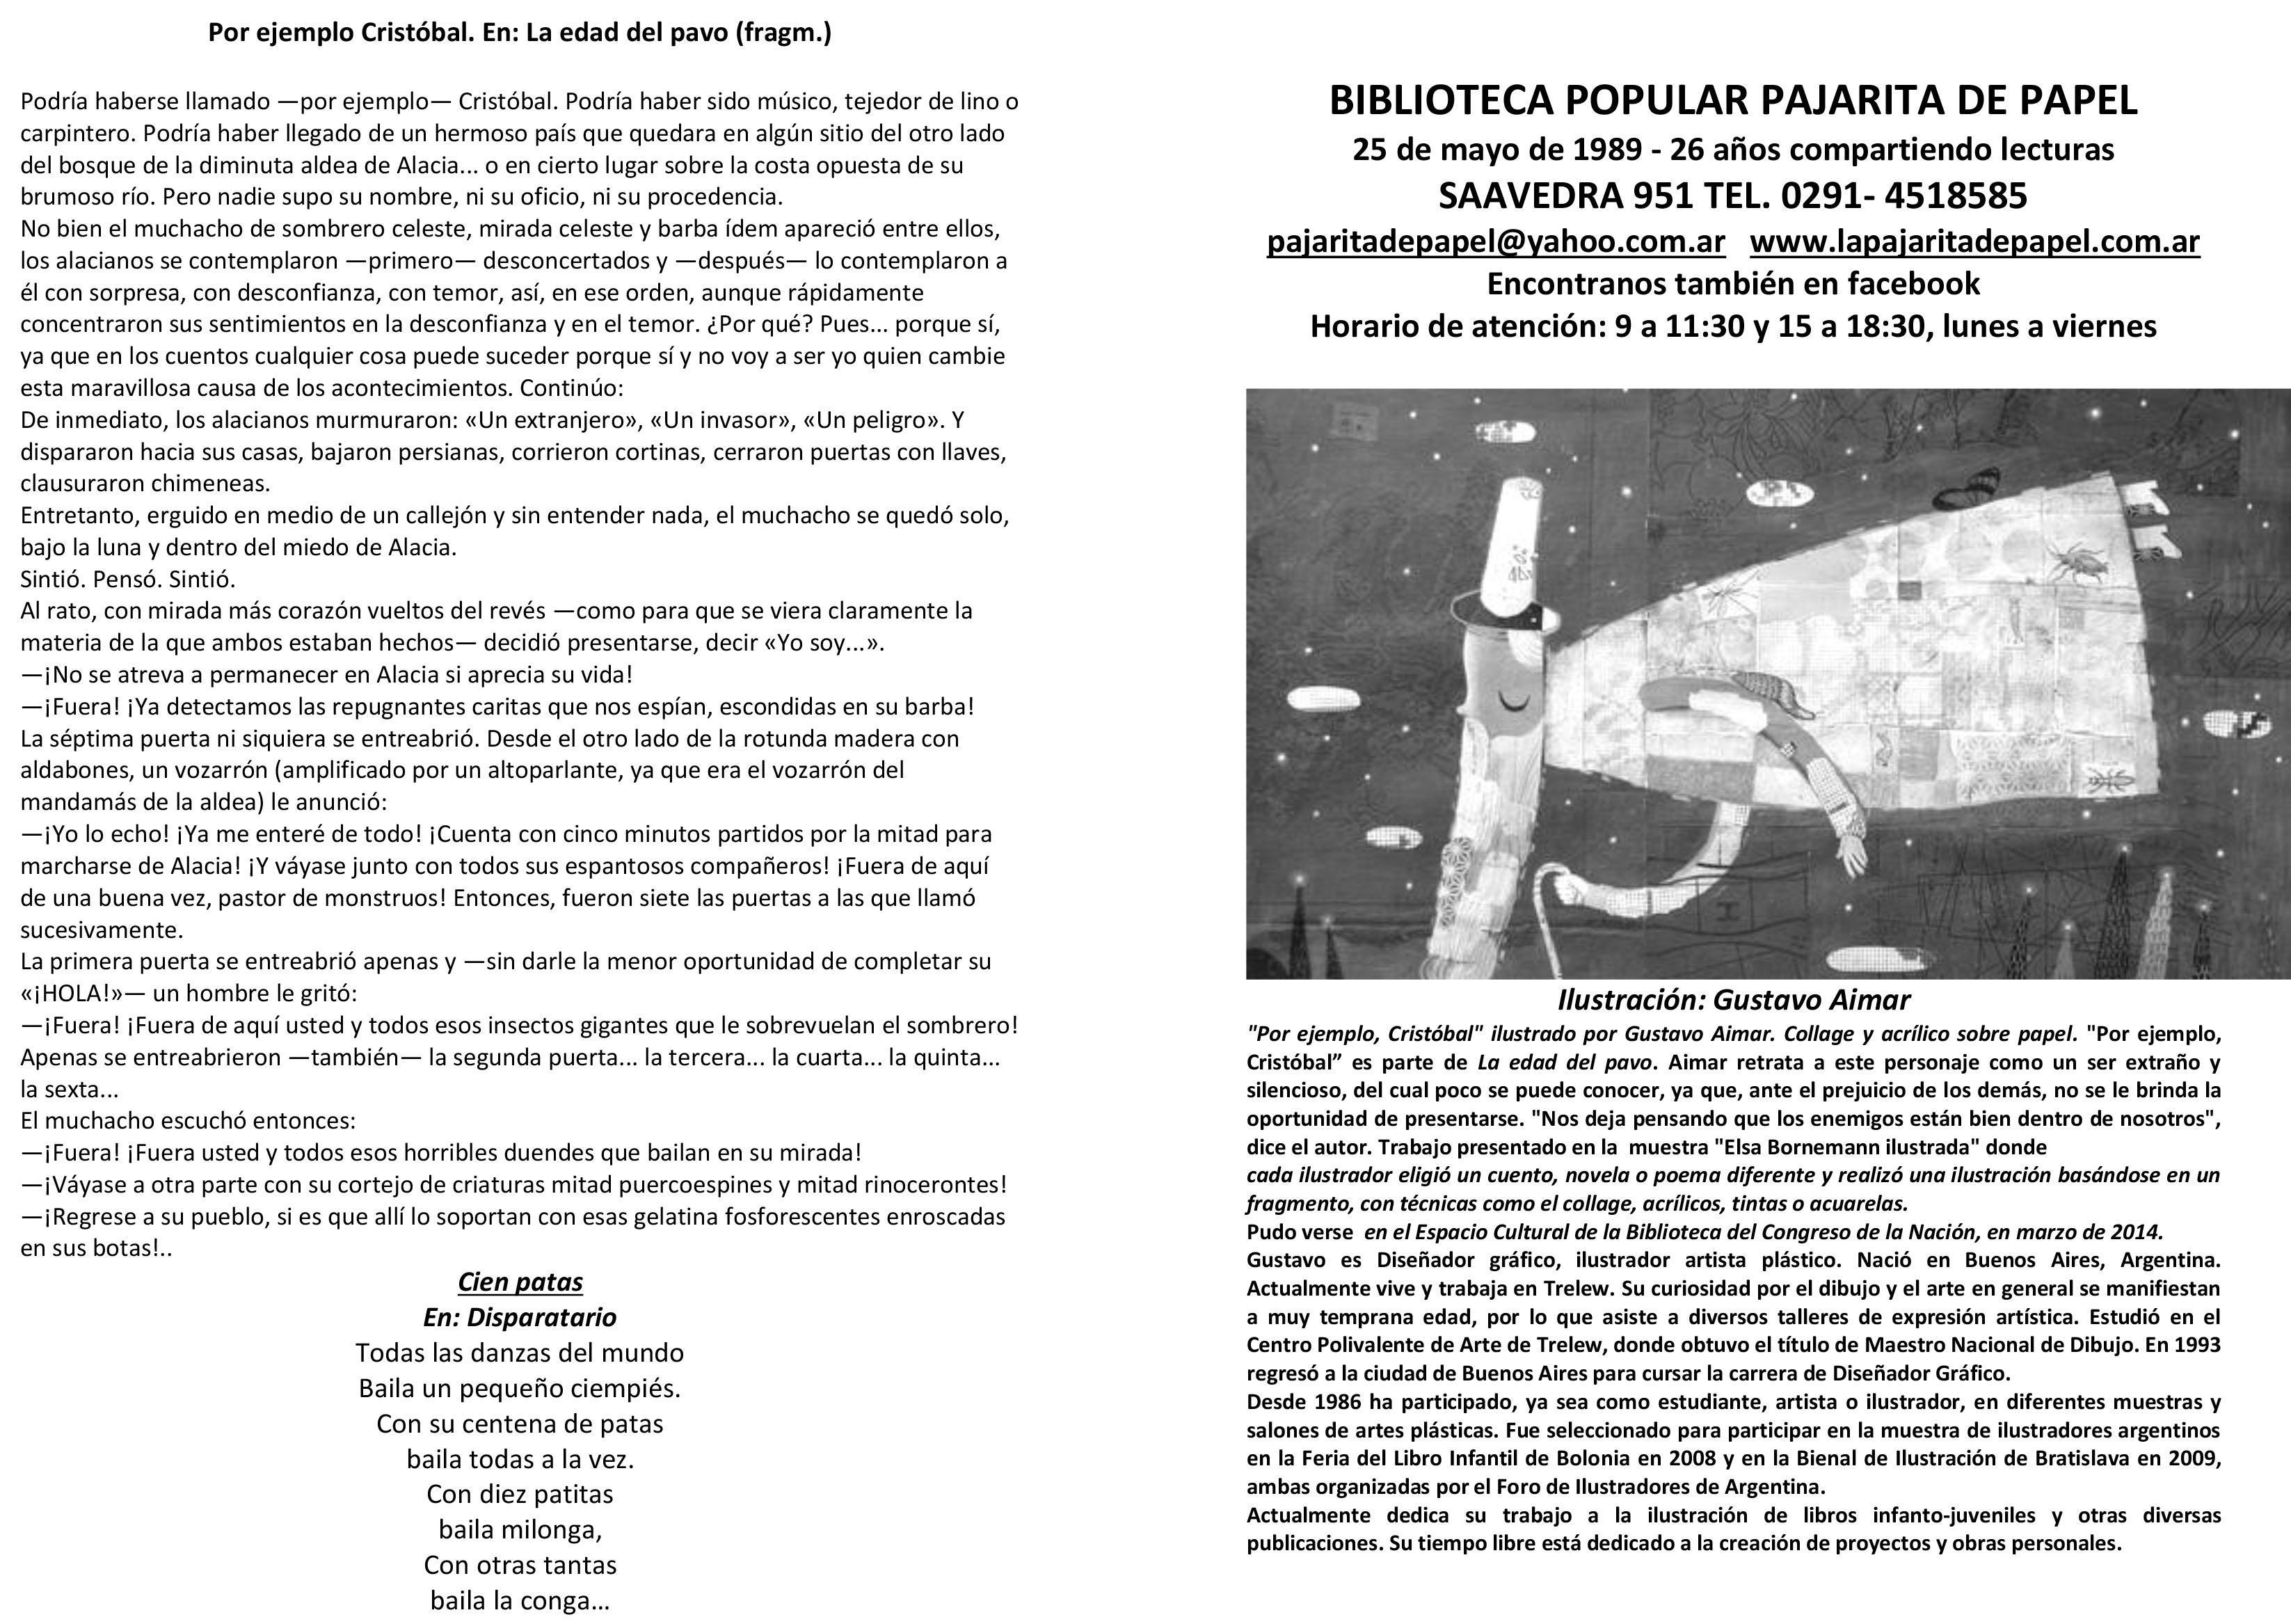 GUÍA DE LECTURA ELSA BORNEMANN-1